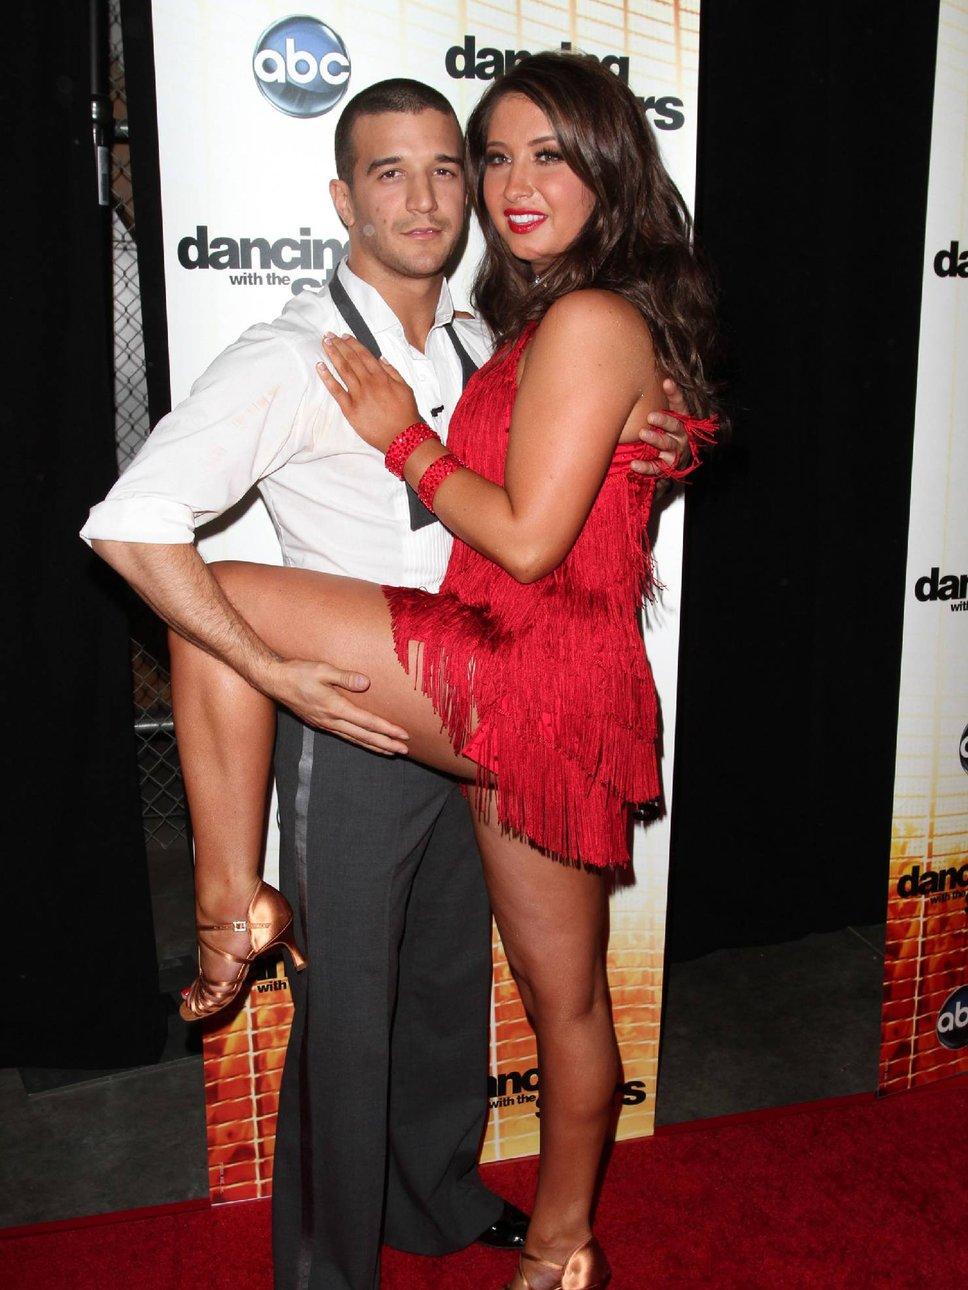 Bristol palin dating mark ballas 2012